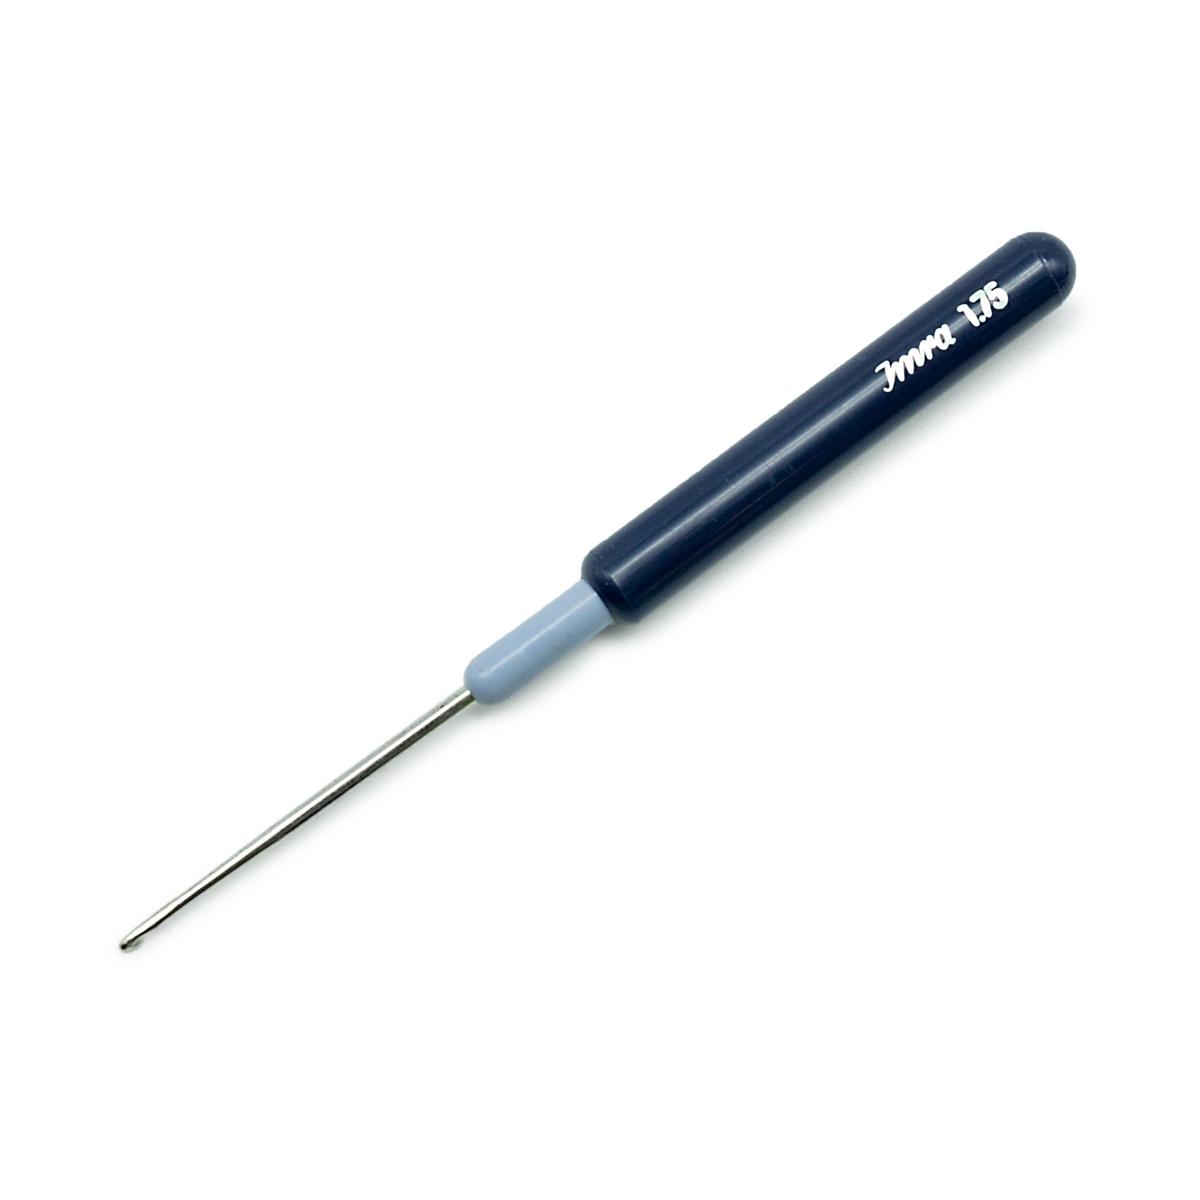 175317 Крючок для тонкой пряжи с пластиковой ручкой и колпачком, сталь, 1,75 мм, Prym